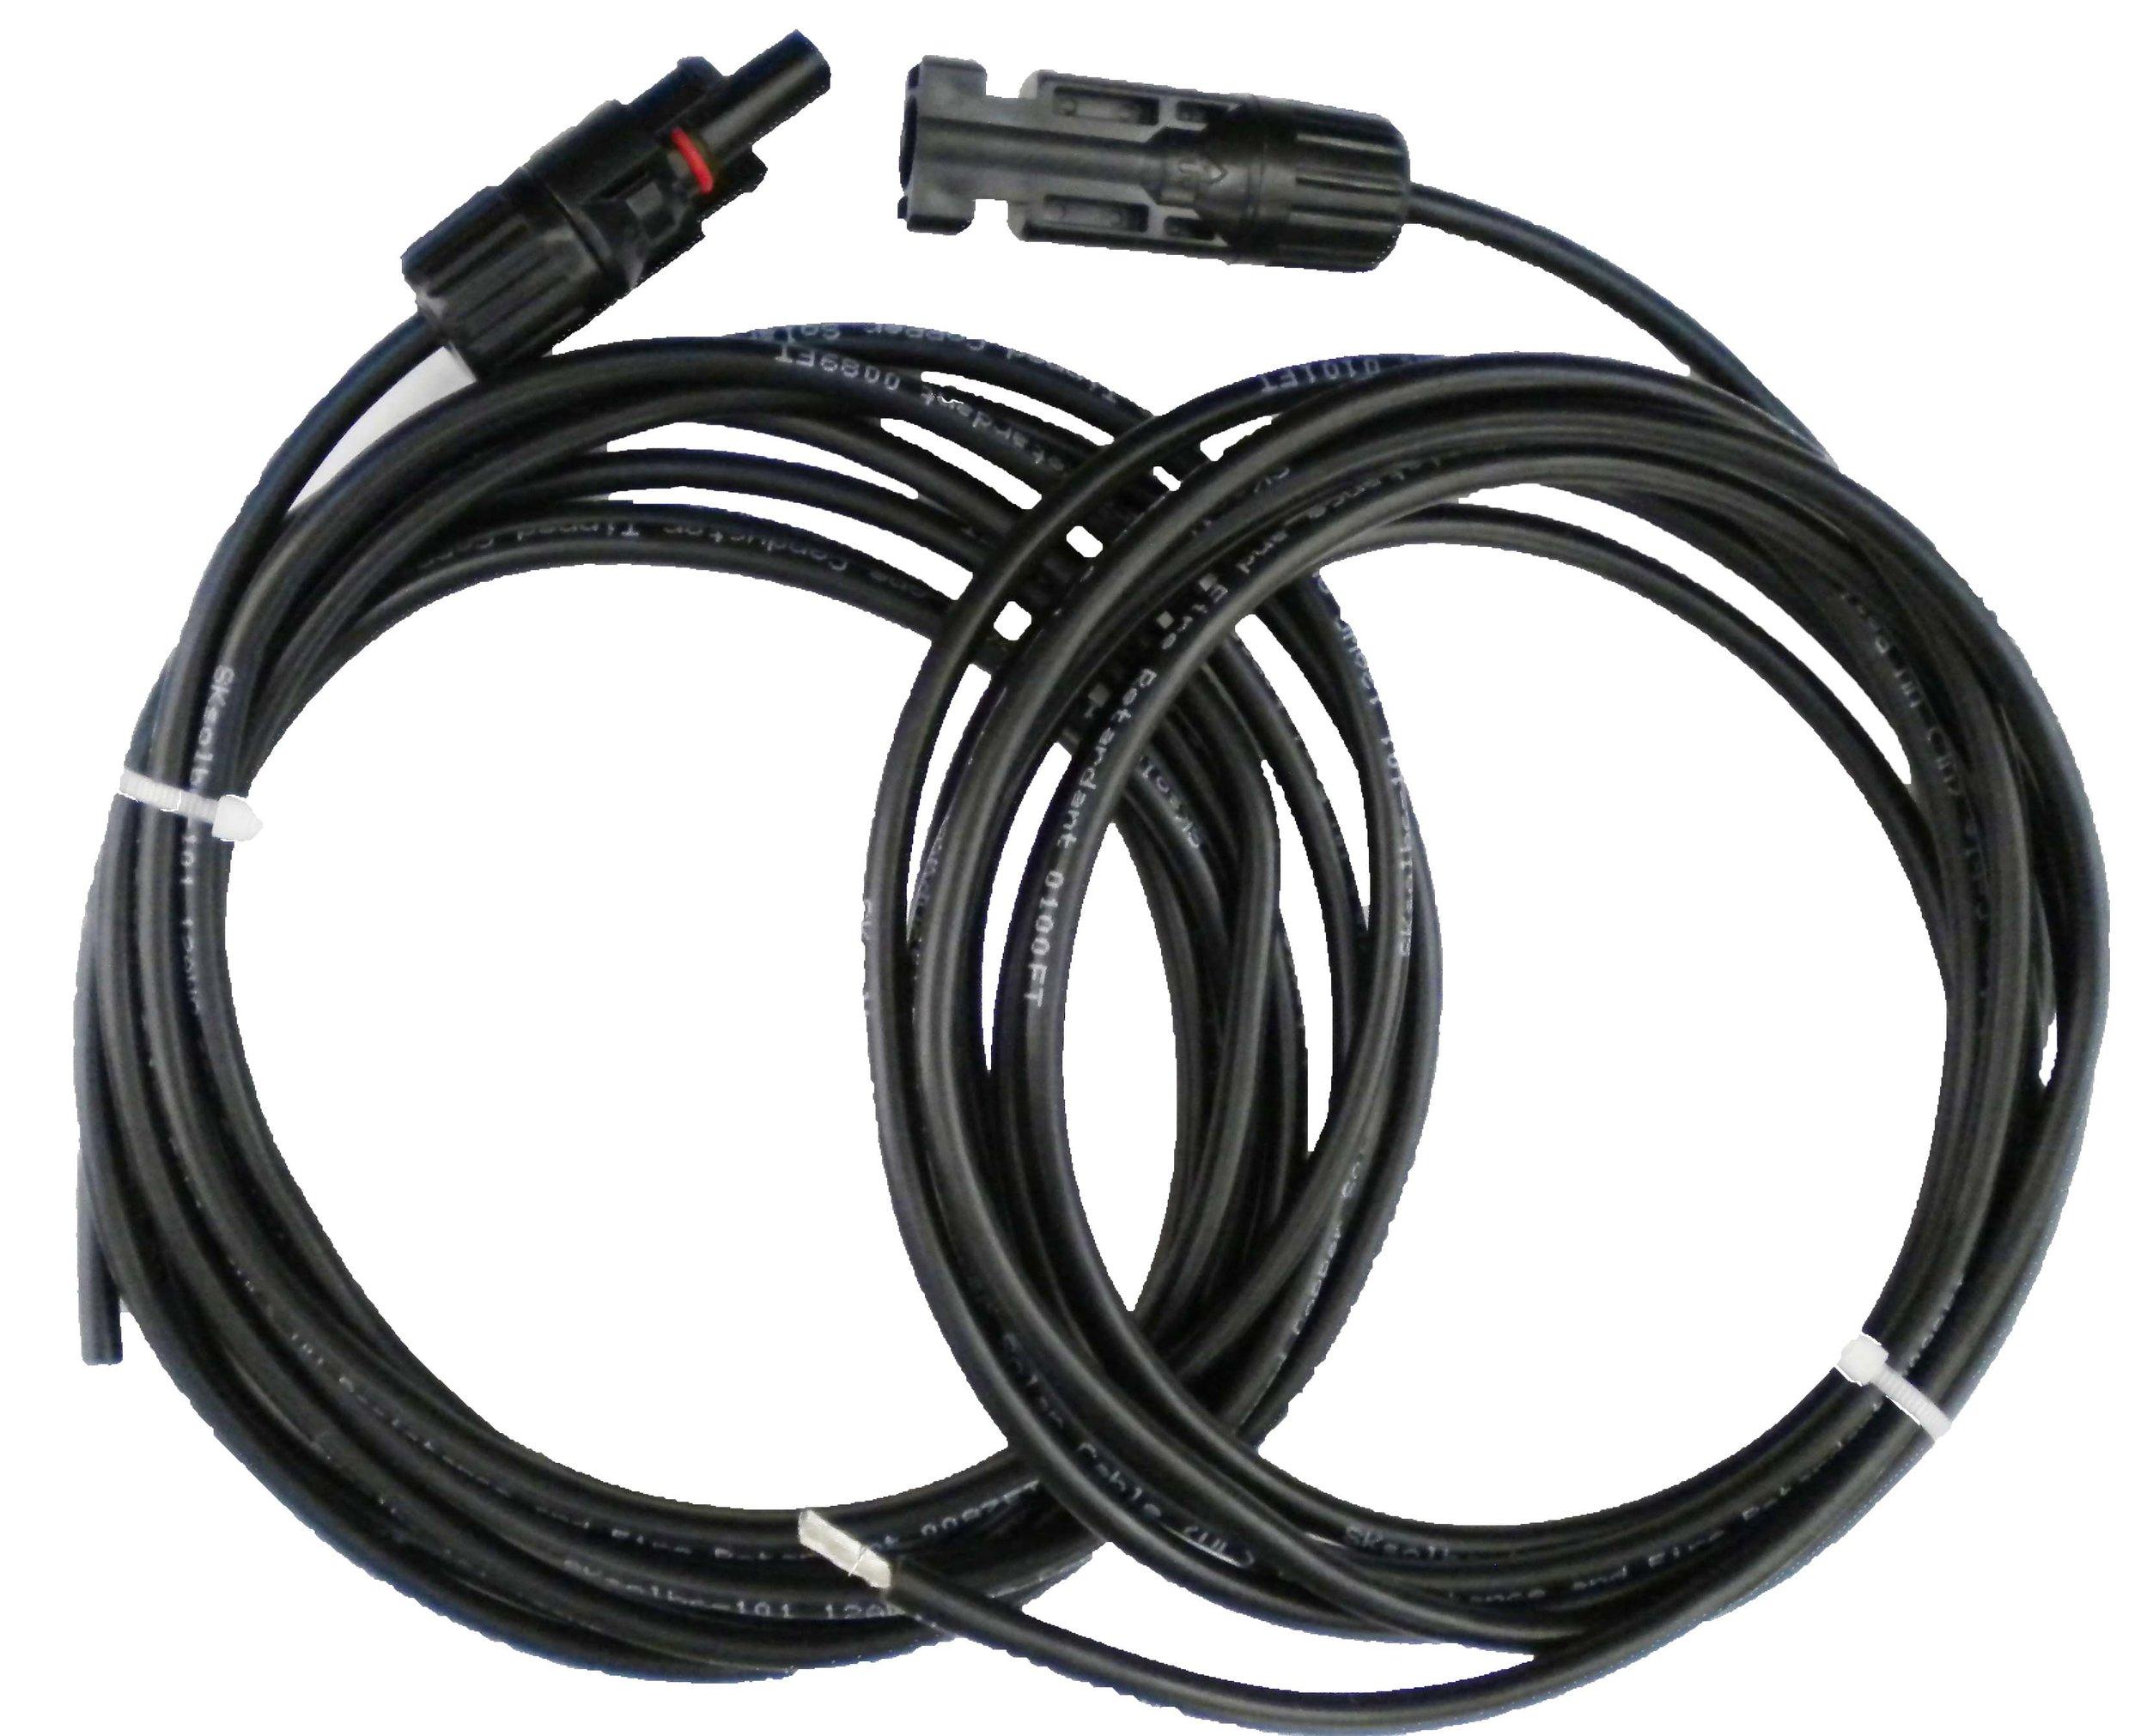 MC4 Solar Cable